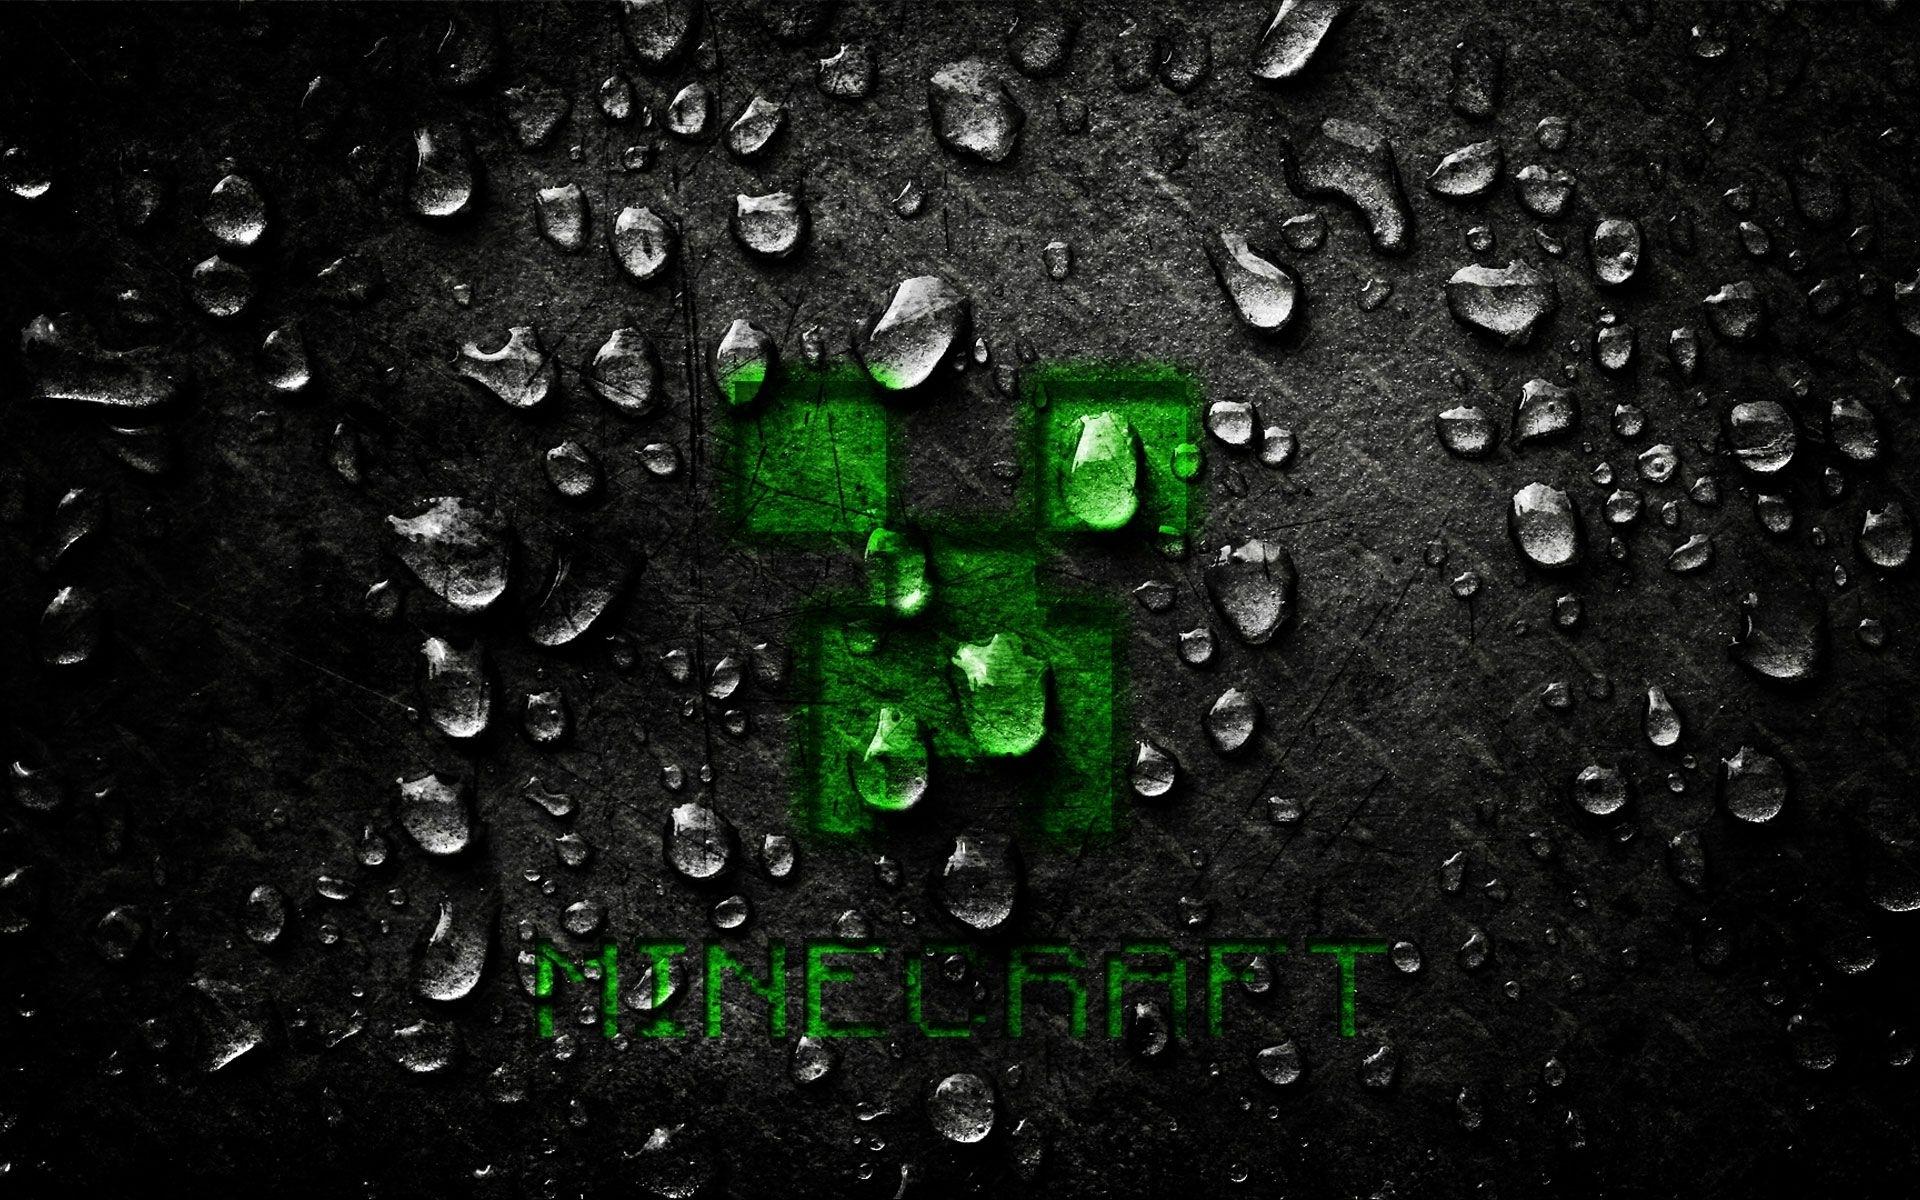 minecraft background free download | pixelstalk